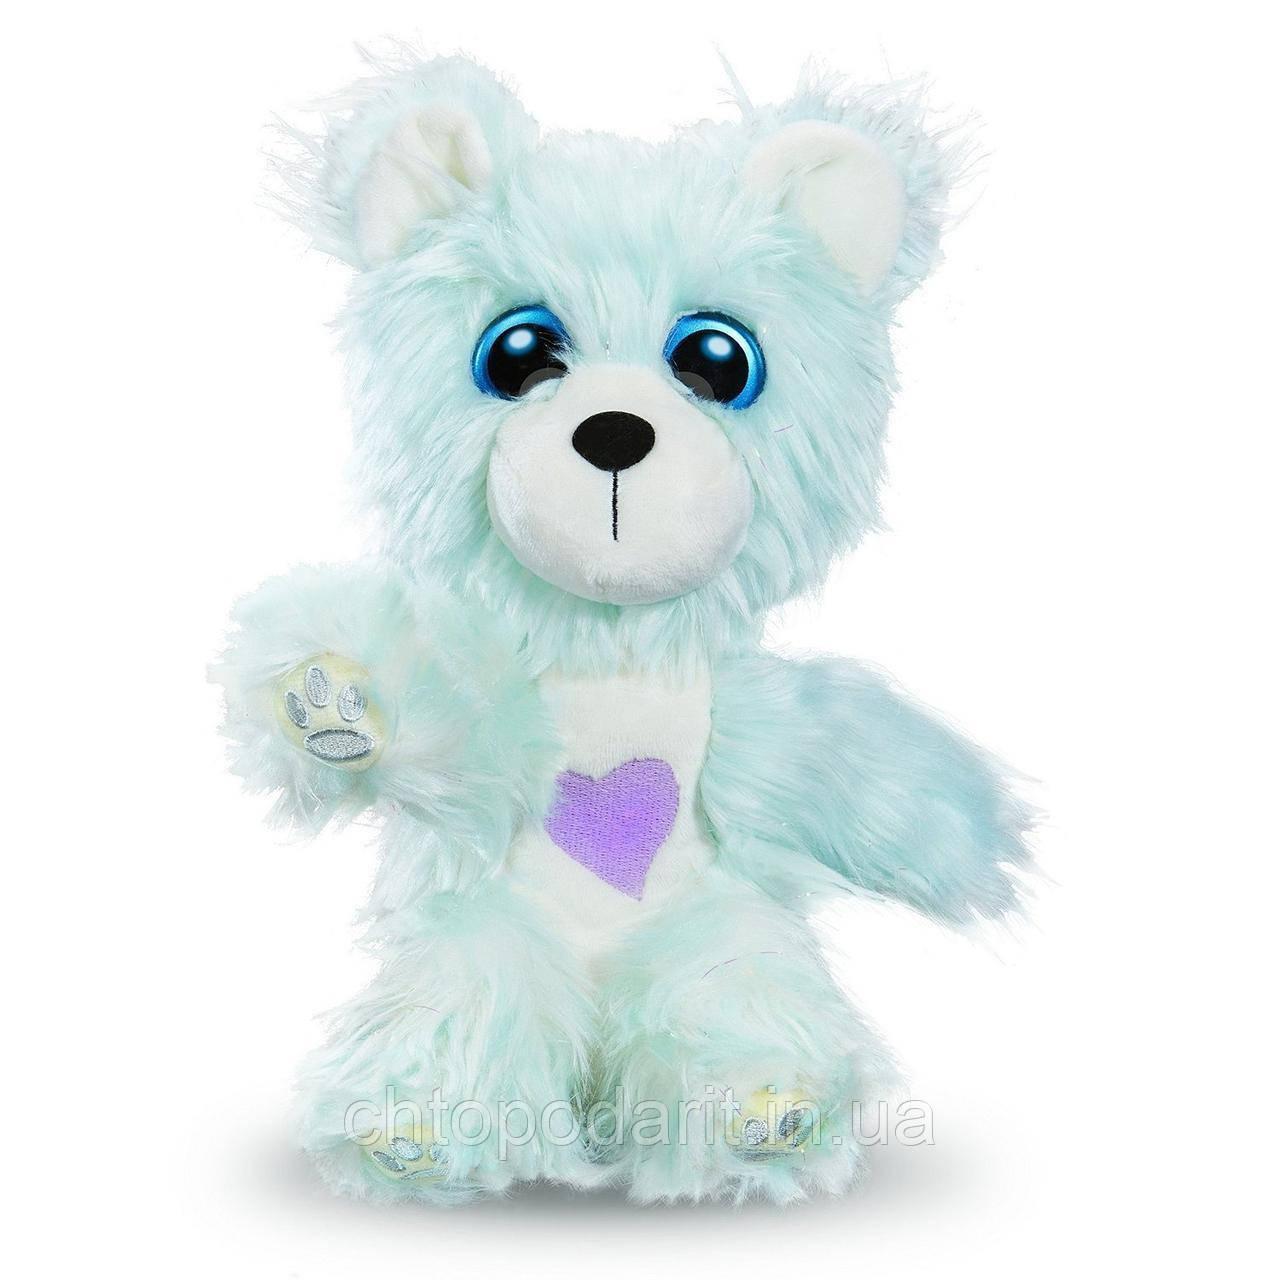 Пушистик потеряшка «Снежные друзья» игрушка сюрприз Scruff A Luvs Snow Pals Код 12-2082